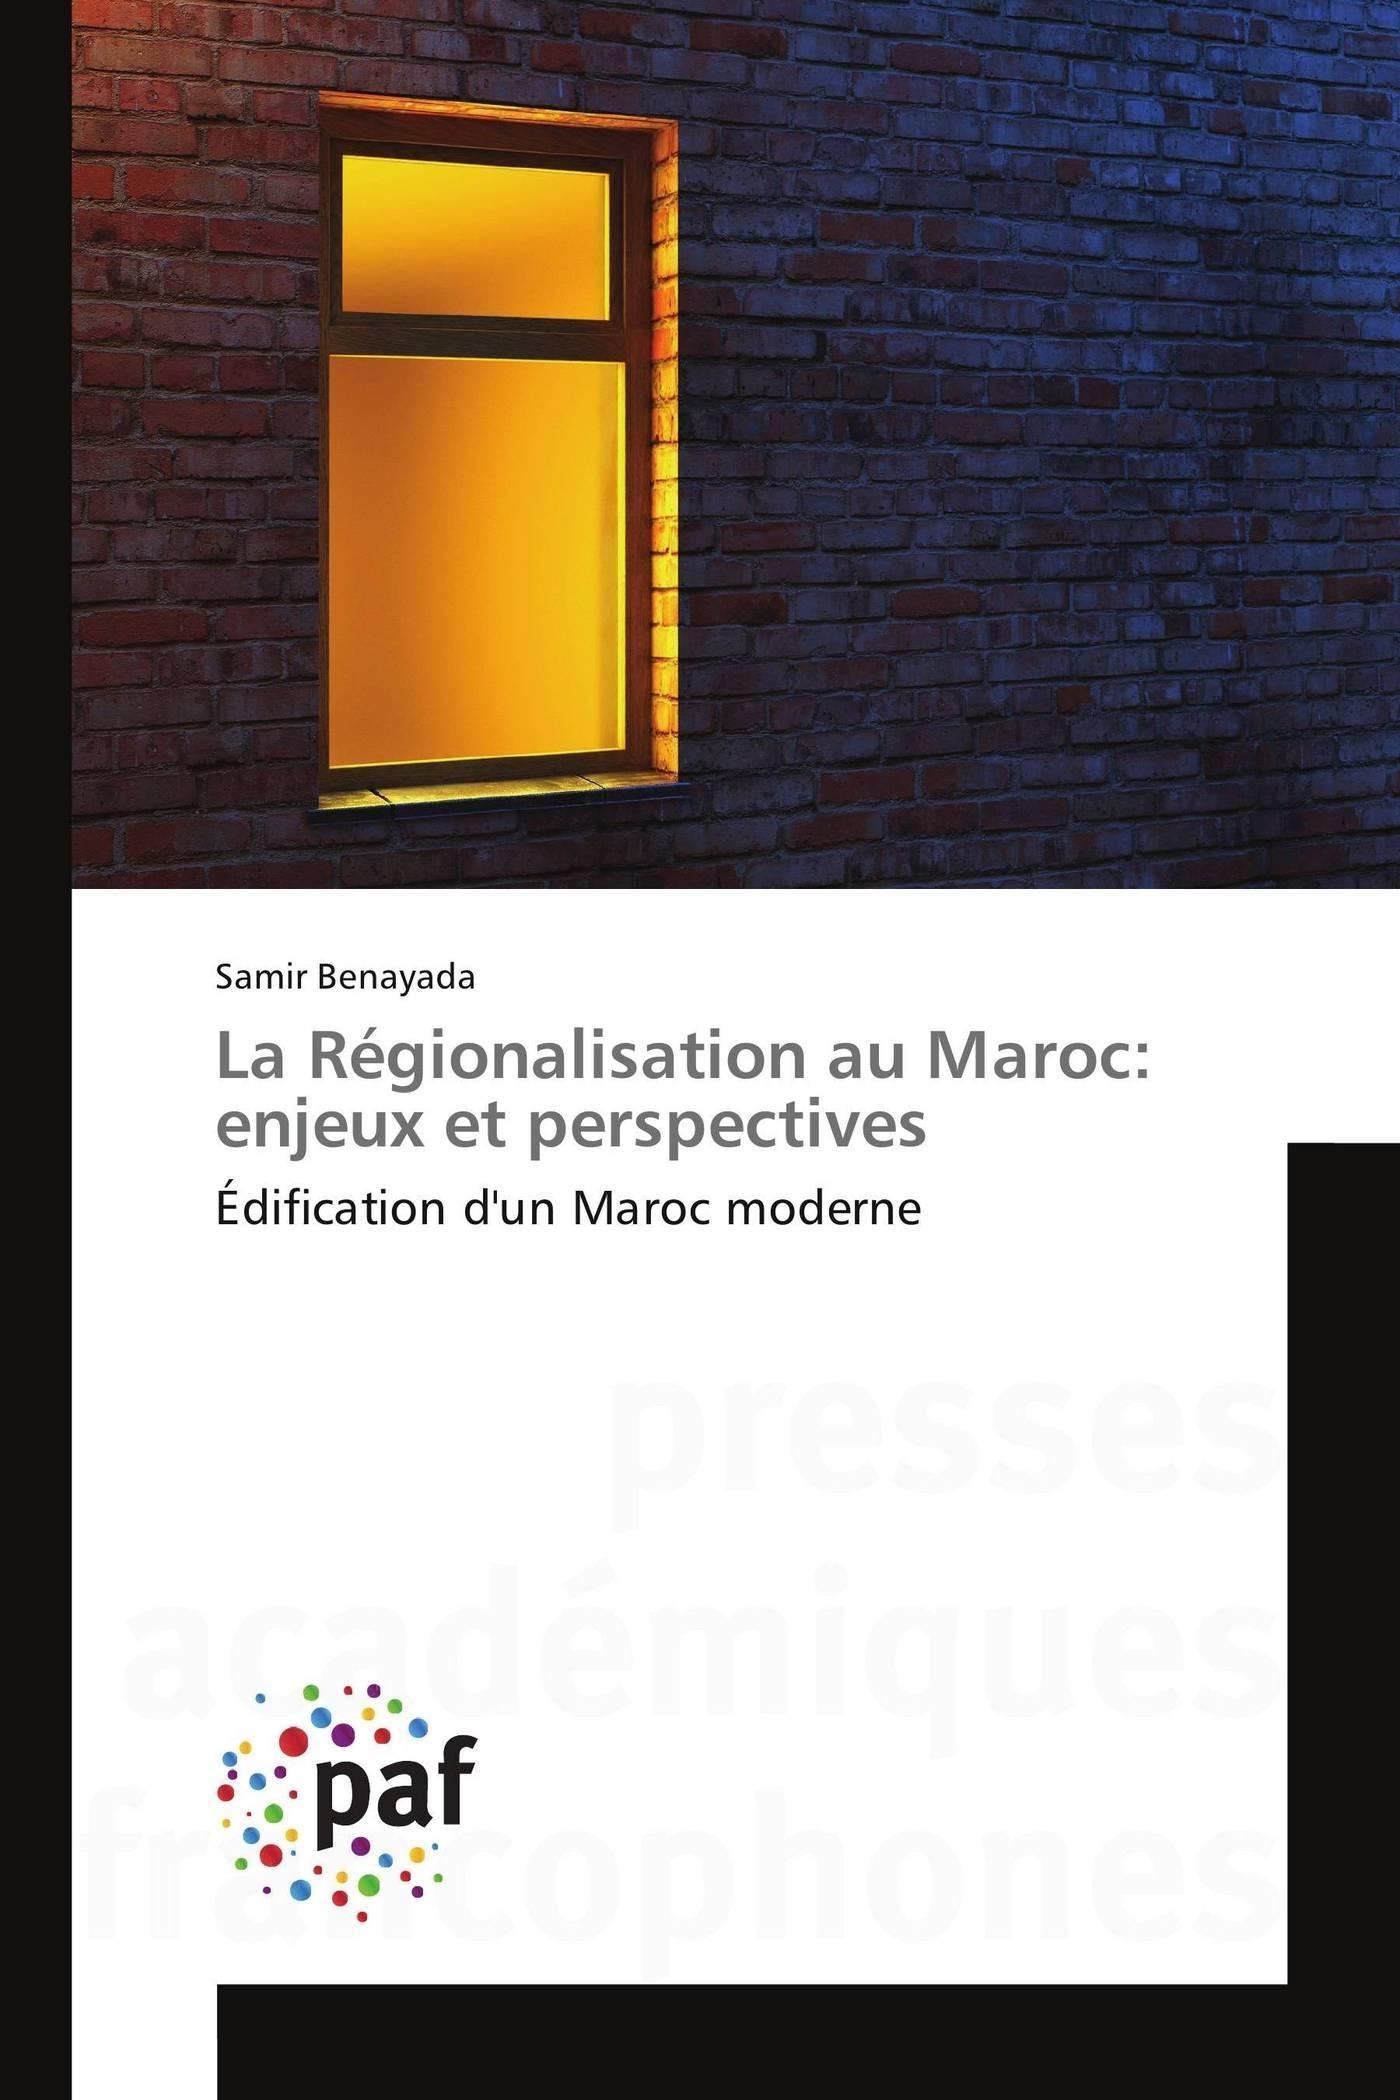 LA REGIONALISATION AU MAROC: ENJEUX ET PERSPECTIVES